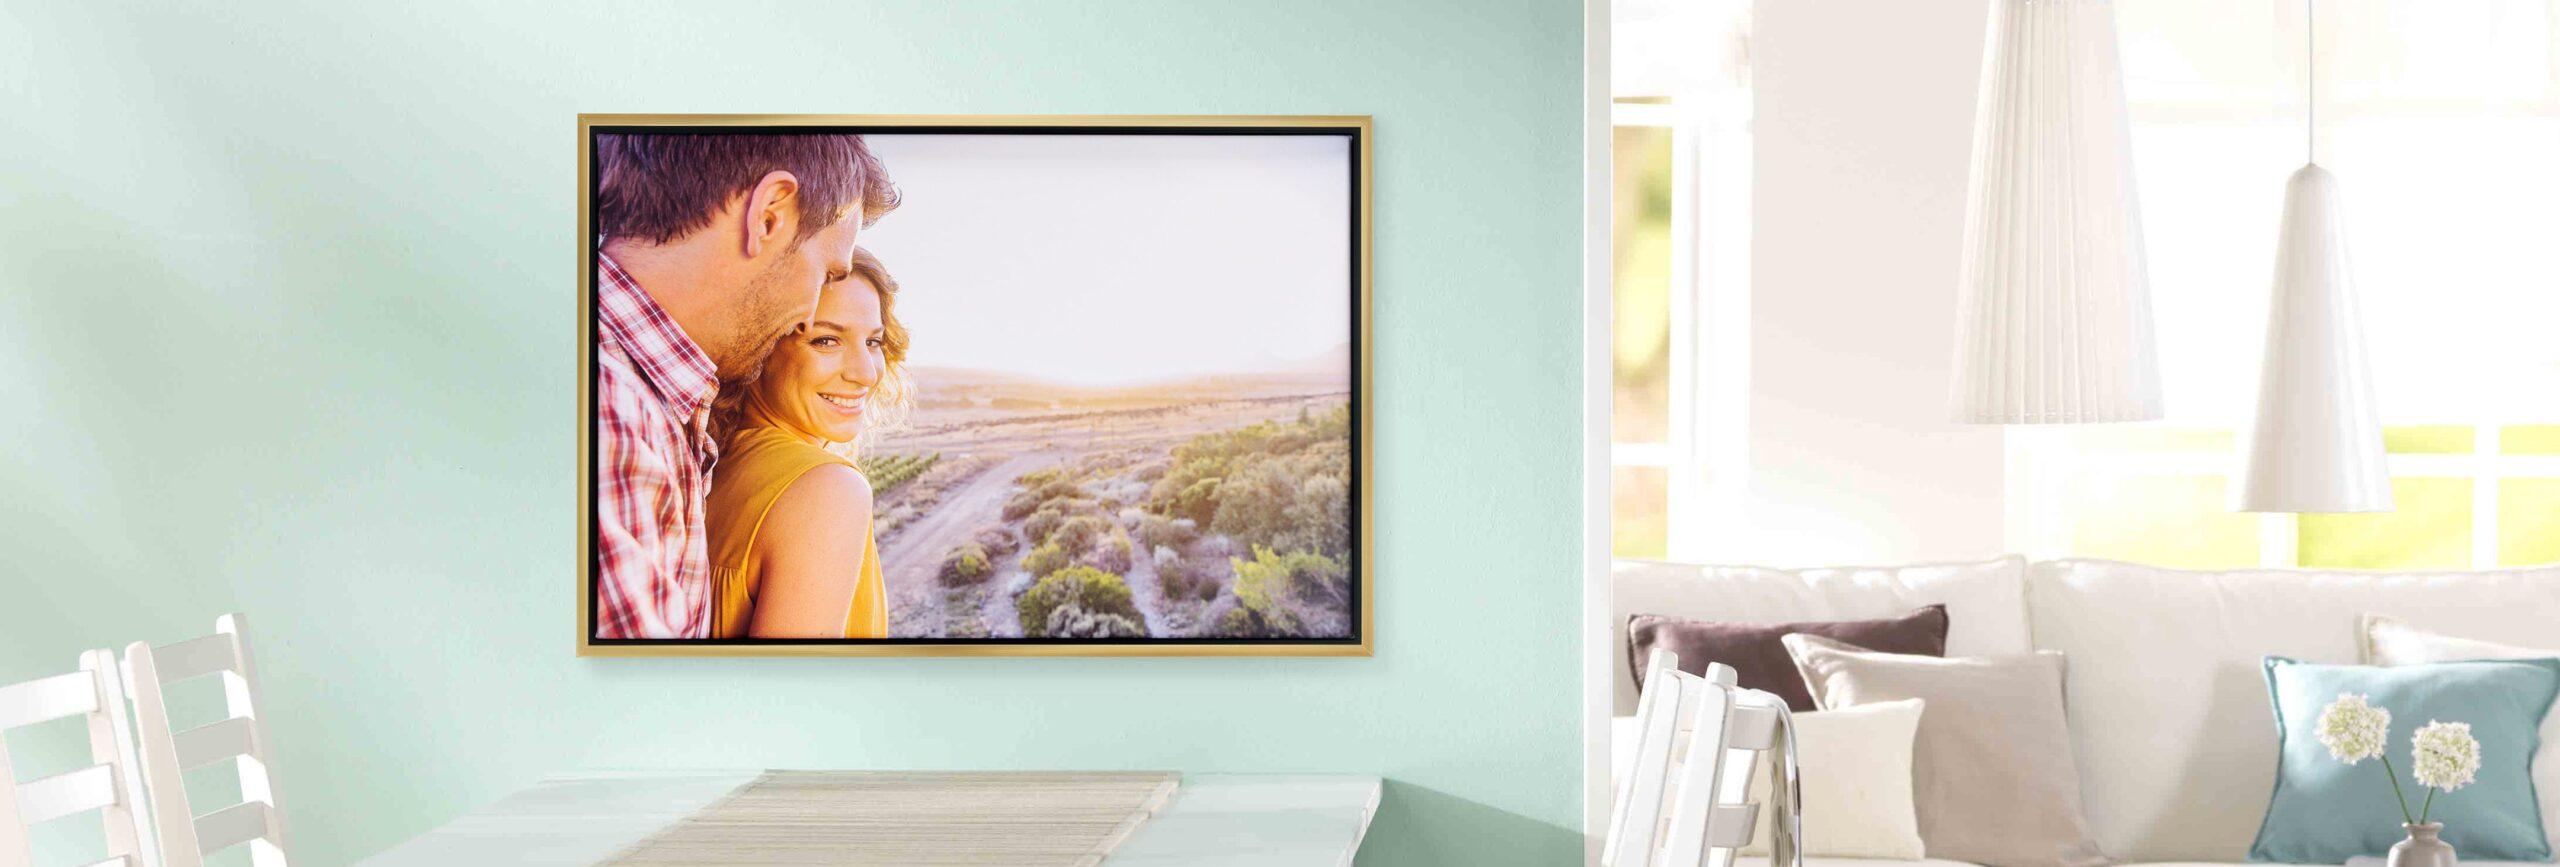 Full Size of Glasbild 120x50 Fotos Auf Leinwand Fotoleinwand Drucken Bei Cewe Glasbilder Küche Bad Wohnzimmer Glasbild 120x50